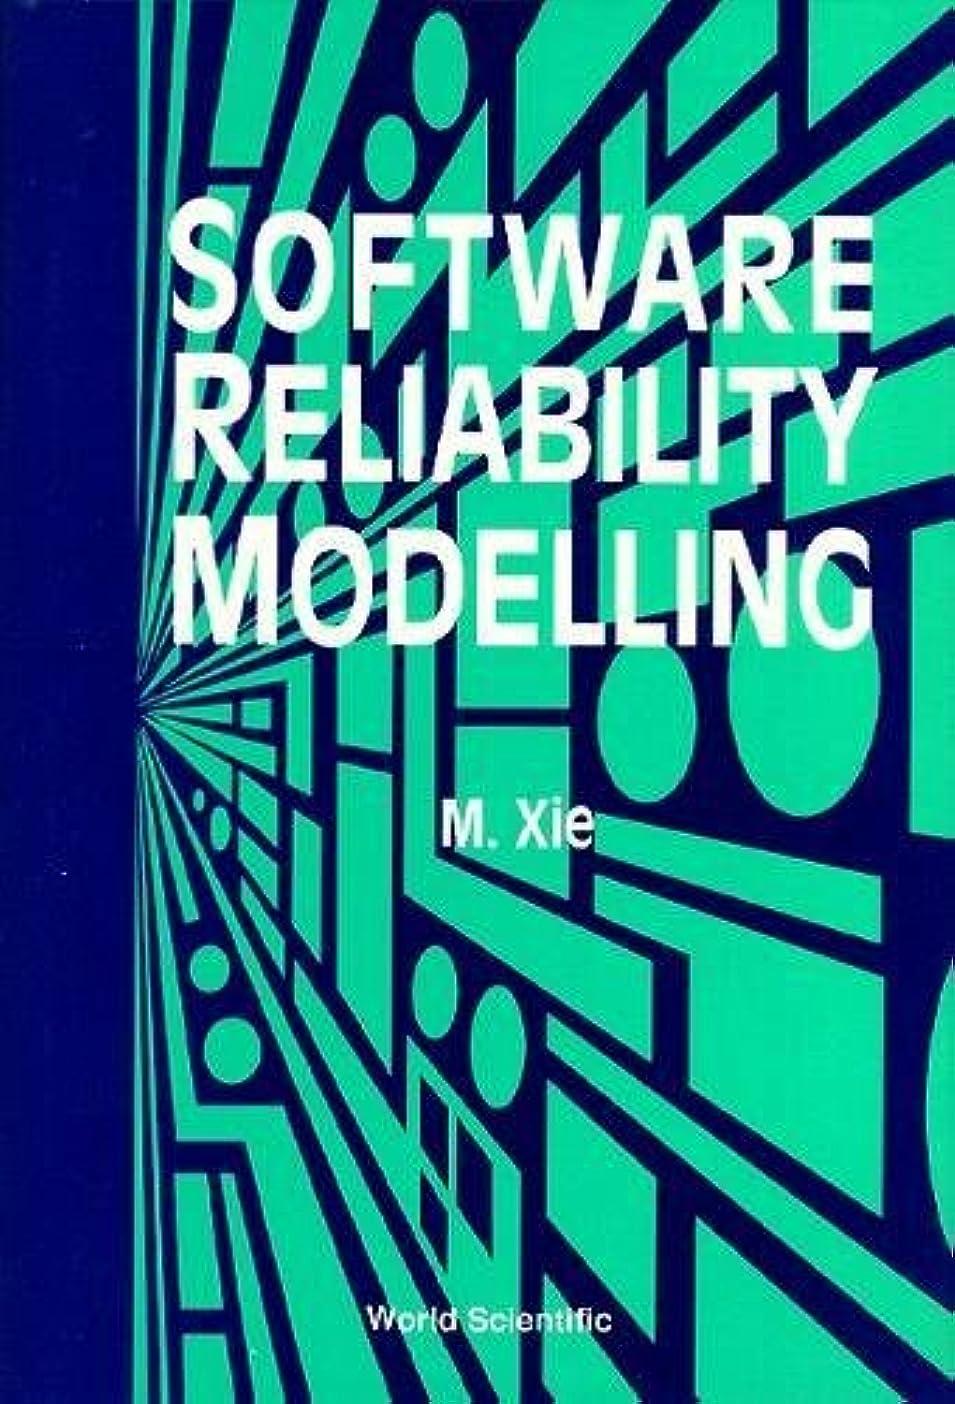 膨らませるコミュニティフローティングSoftware Reliability Modelling (Quality, Reliability and Engineering Statistics)